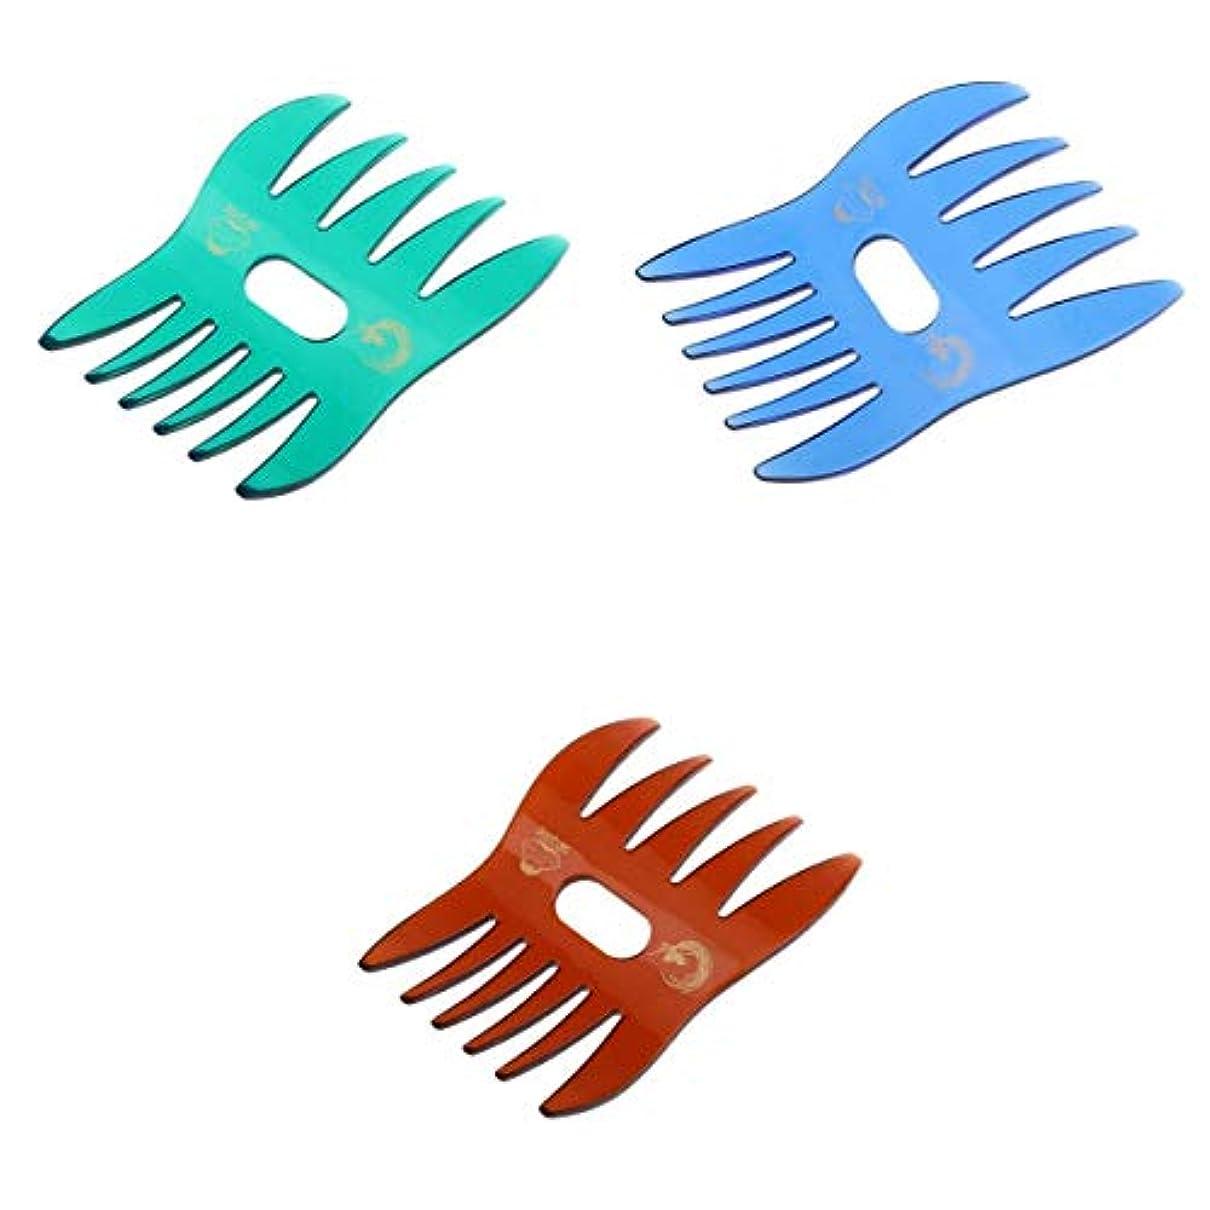 賞返還ダメージ櫛 ヘアコーム コーム ヘア櫛 静電気防止 粗歯 頭皮マッサージ オイルヘアスタイル